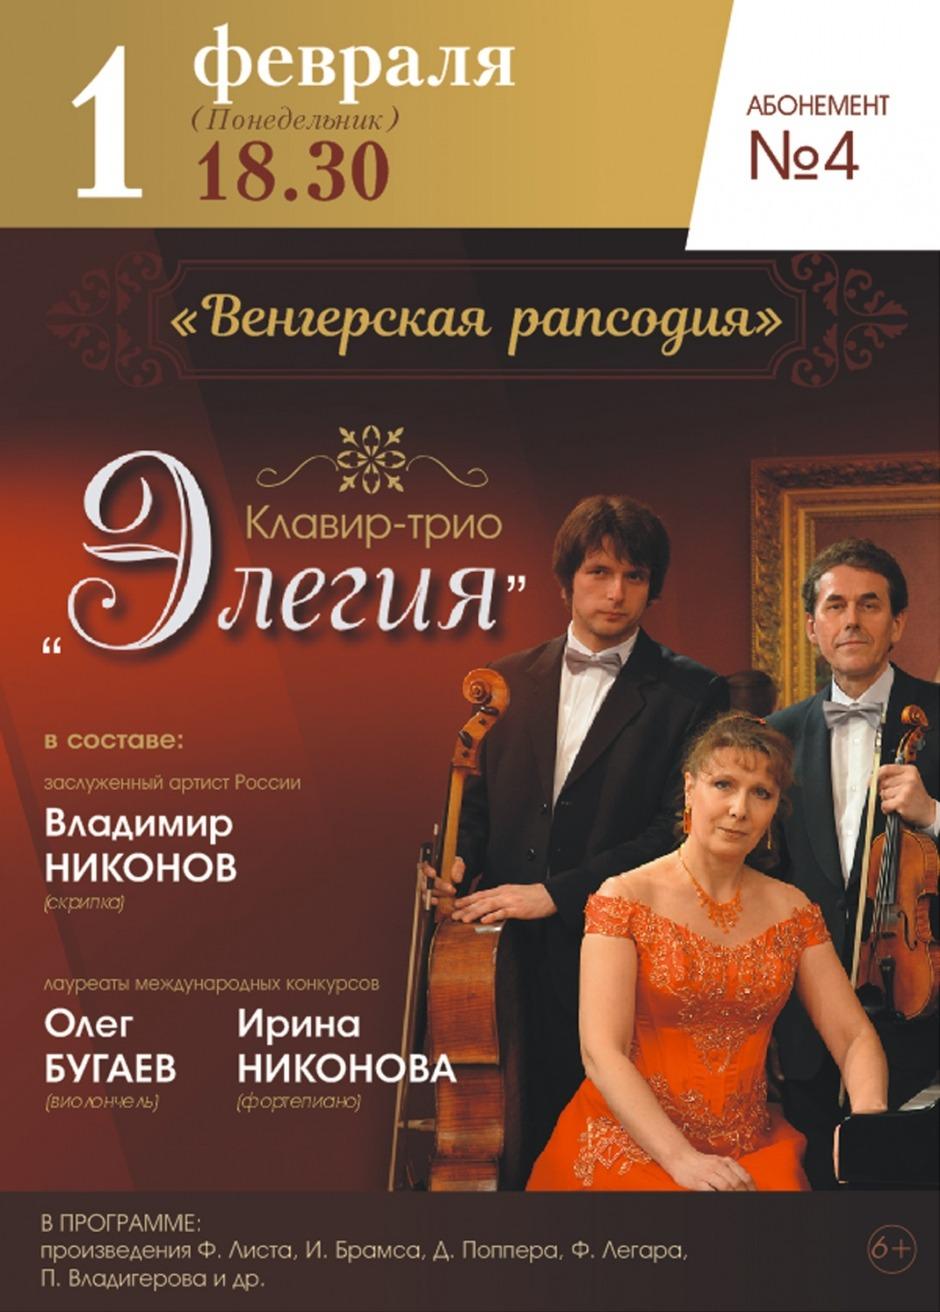 Клавир-трио «Элегия» выступит с концертом в Твери